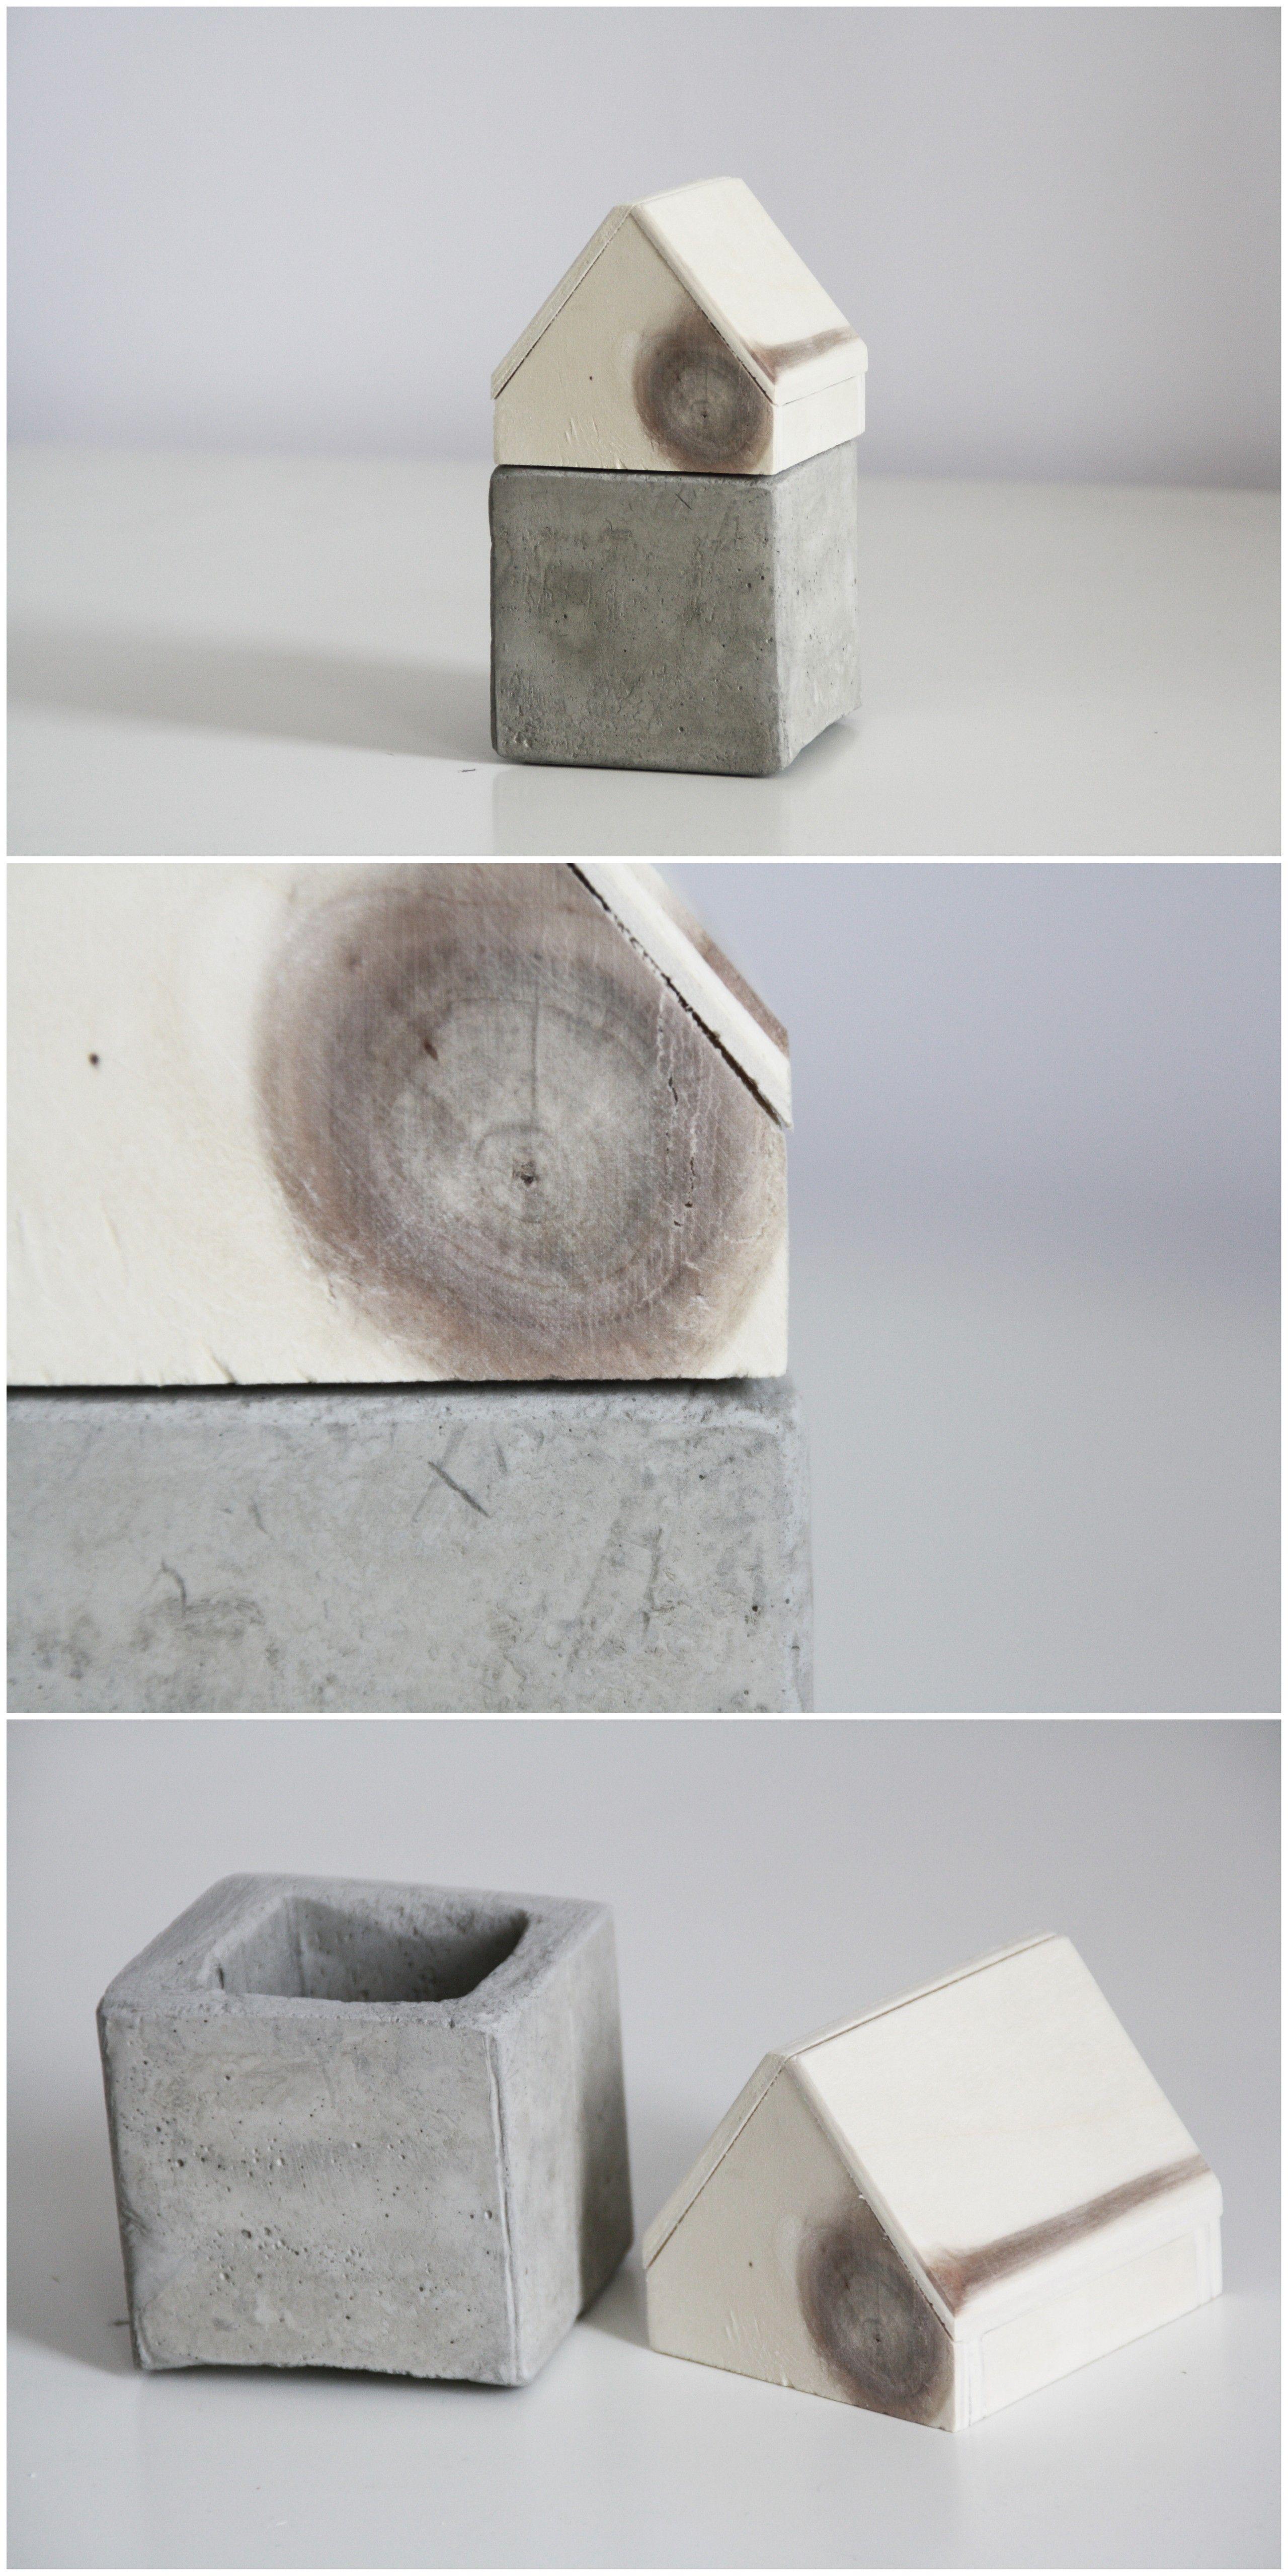 Attraktiv DIY Holz Beton Haus Als Aufbewahrung | Do It Yourself Storage | Deko |  Basteln |